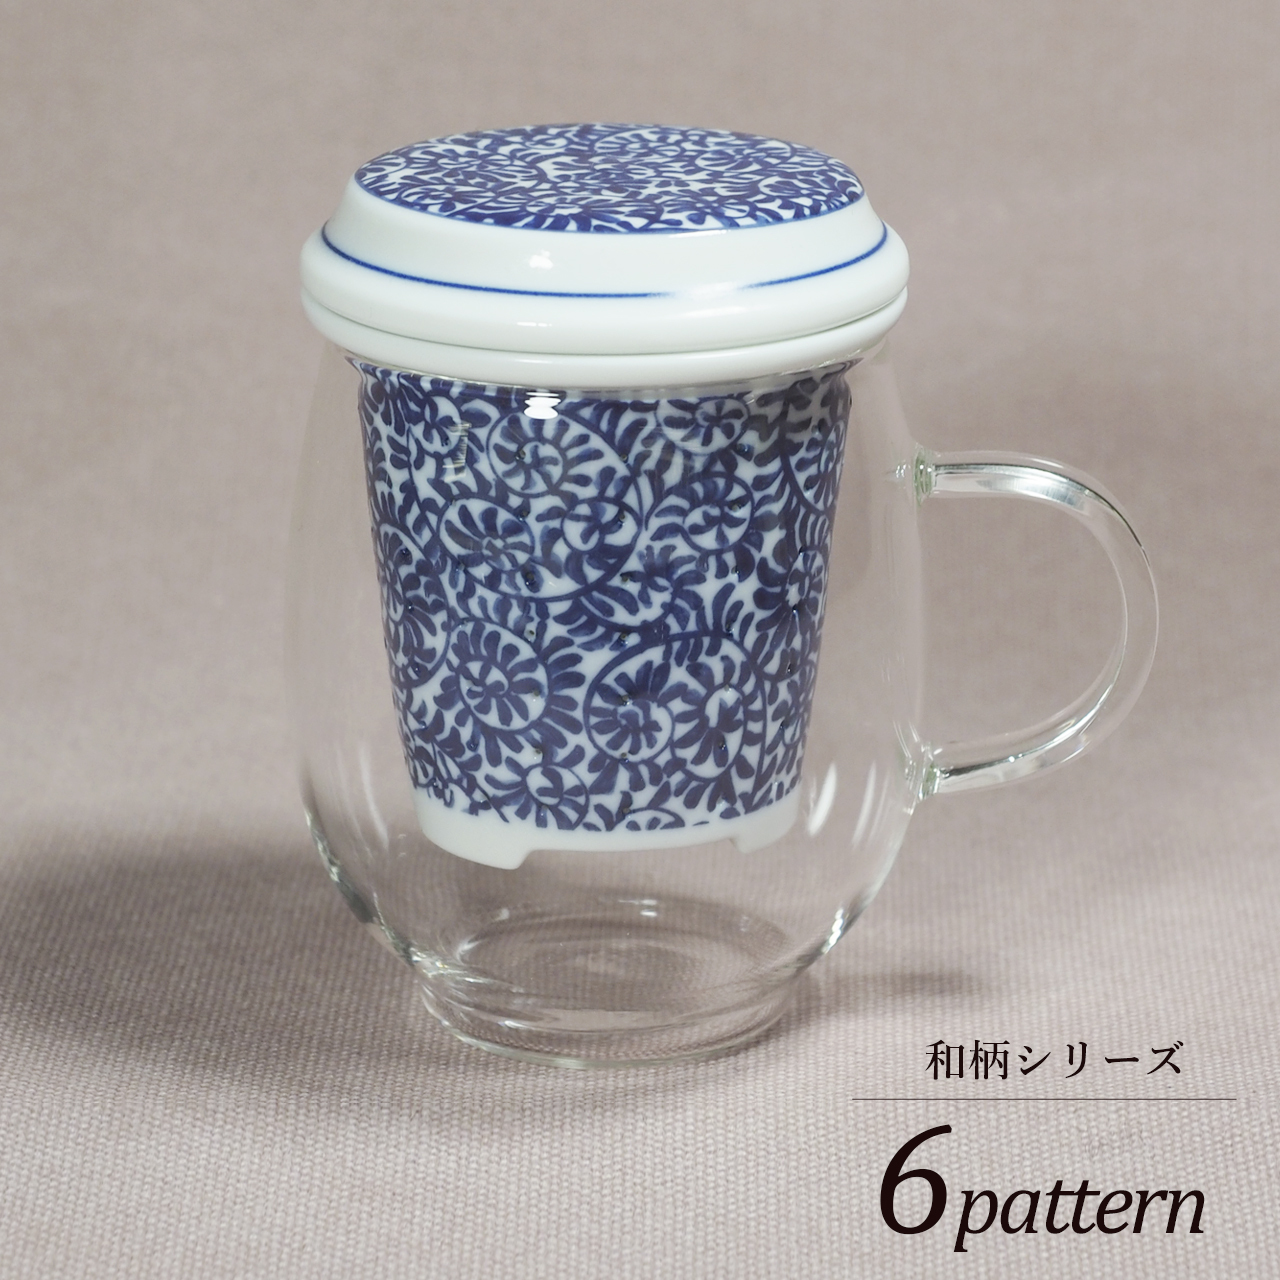 おしゃれマグ 和柄シリーズ 10-005-C